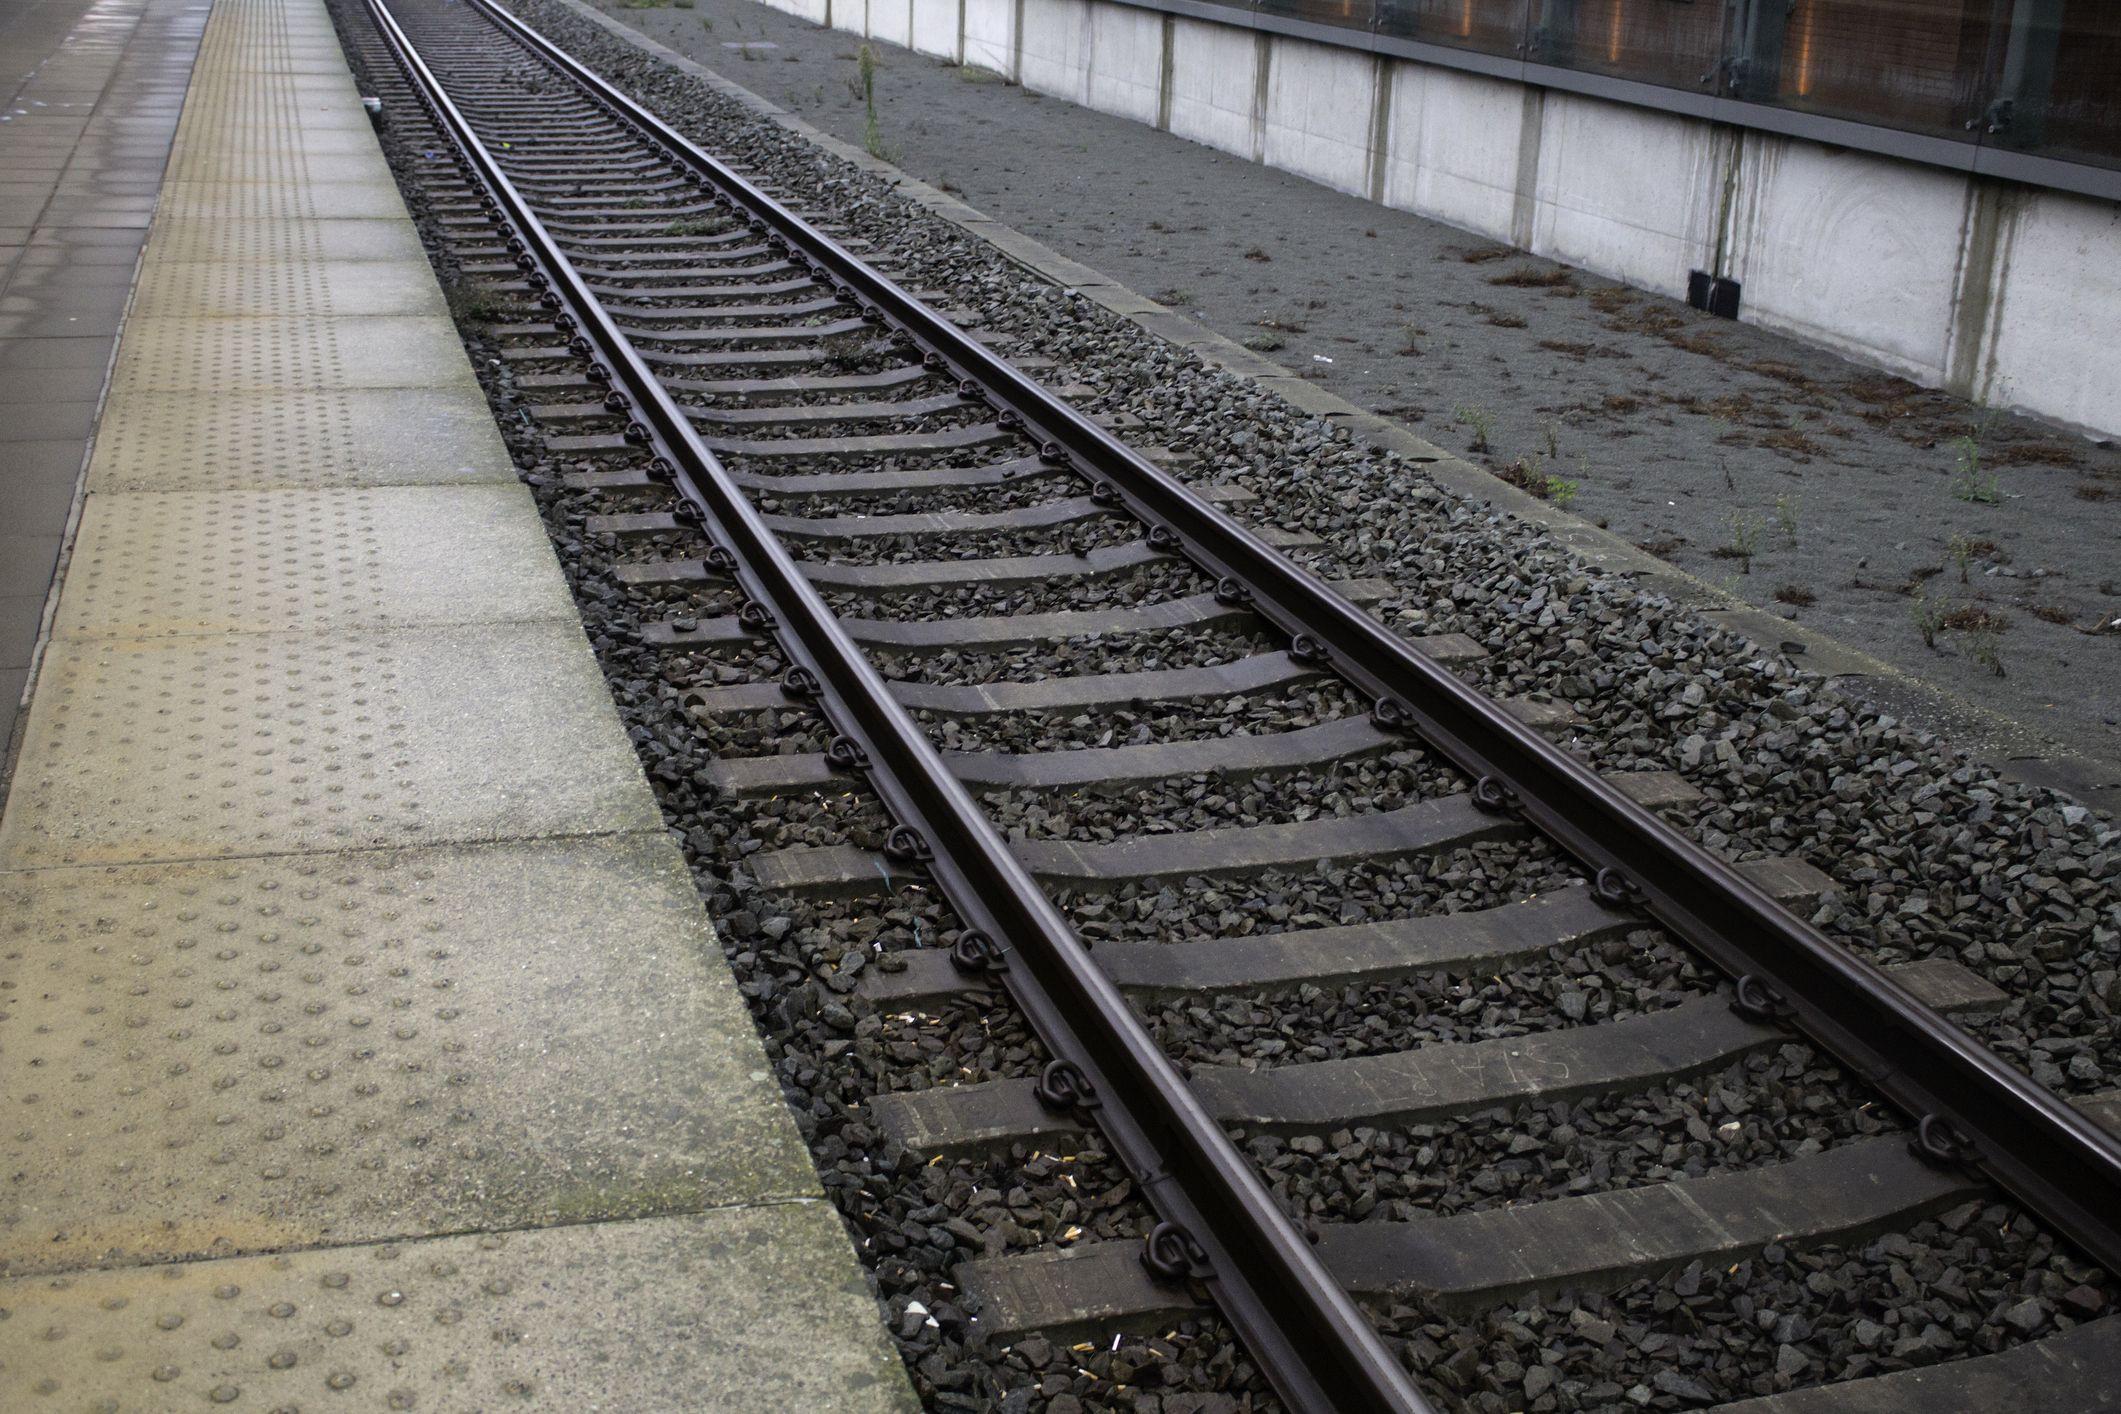 Atropelamento ferroviário causa uma vítima mortal em Alverca